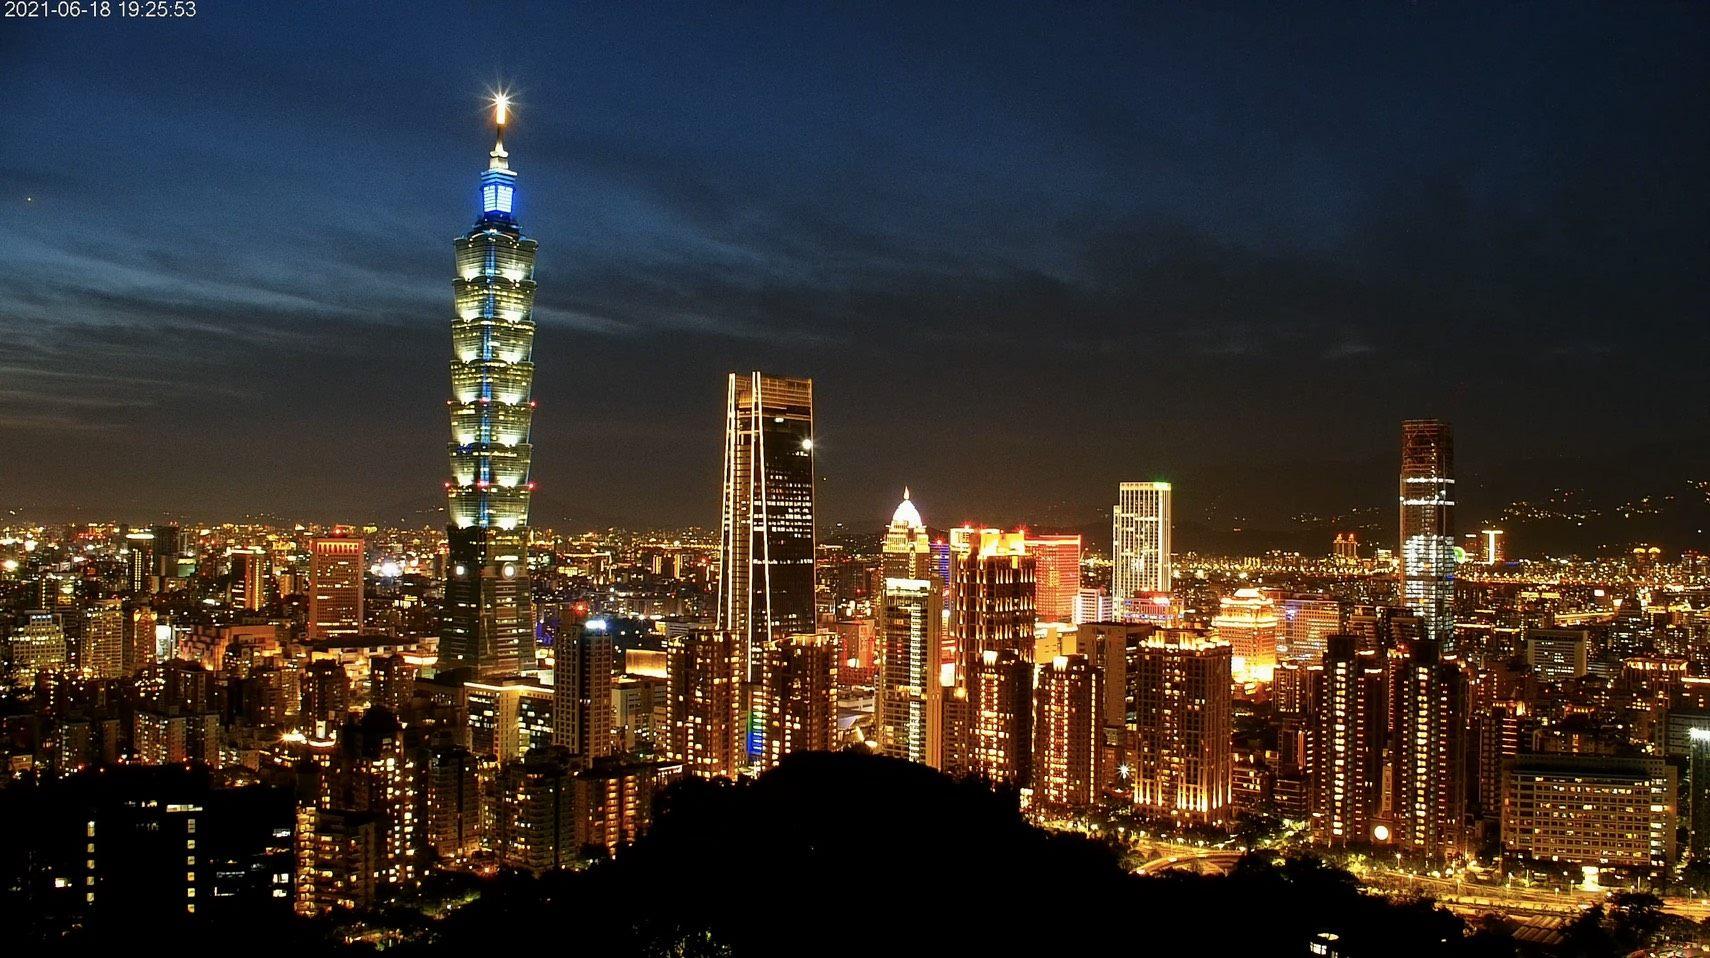 旅客必遊之臺北101與信義商圈夜景,美拍打卡新地標